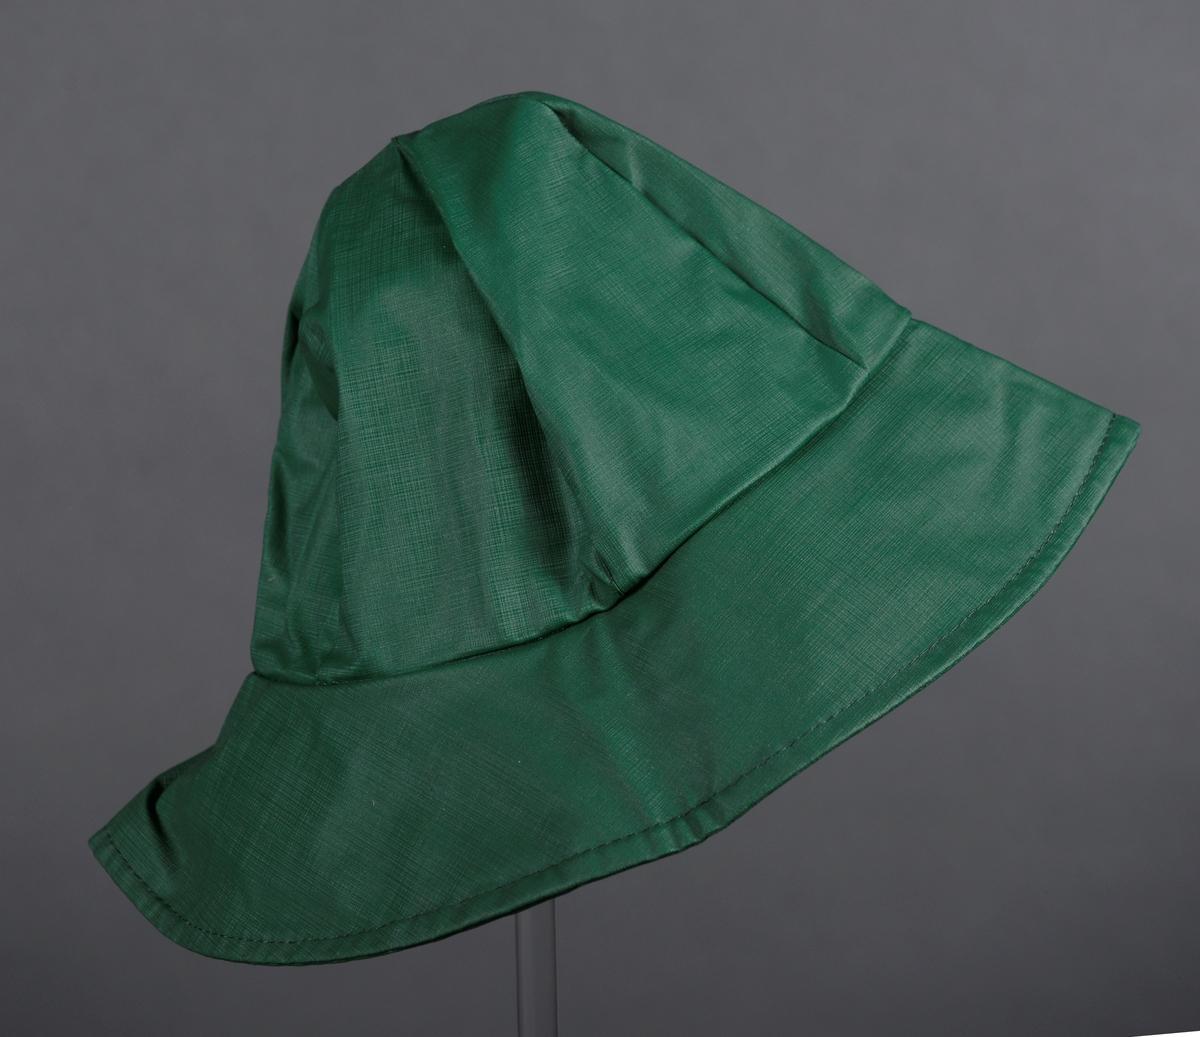 """En grønn regnhatt laget av bomullsstoff med PVC-belegg. Hodeplaggets pull er sveiset sammen av 6 deler. Bremmen er like bred hele veien rundt. Ytterst på bremmen er det en maskinsydd kant. Regnhatten er ikke foret. Langs kanten innvendig er det sydd på et kantebånd av bomull. Bak i hatten er det en merkelapp med identisk informasjon på begge sider, de """"Påført tekst/merker""""."""